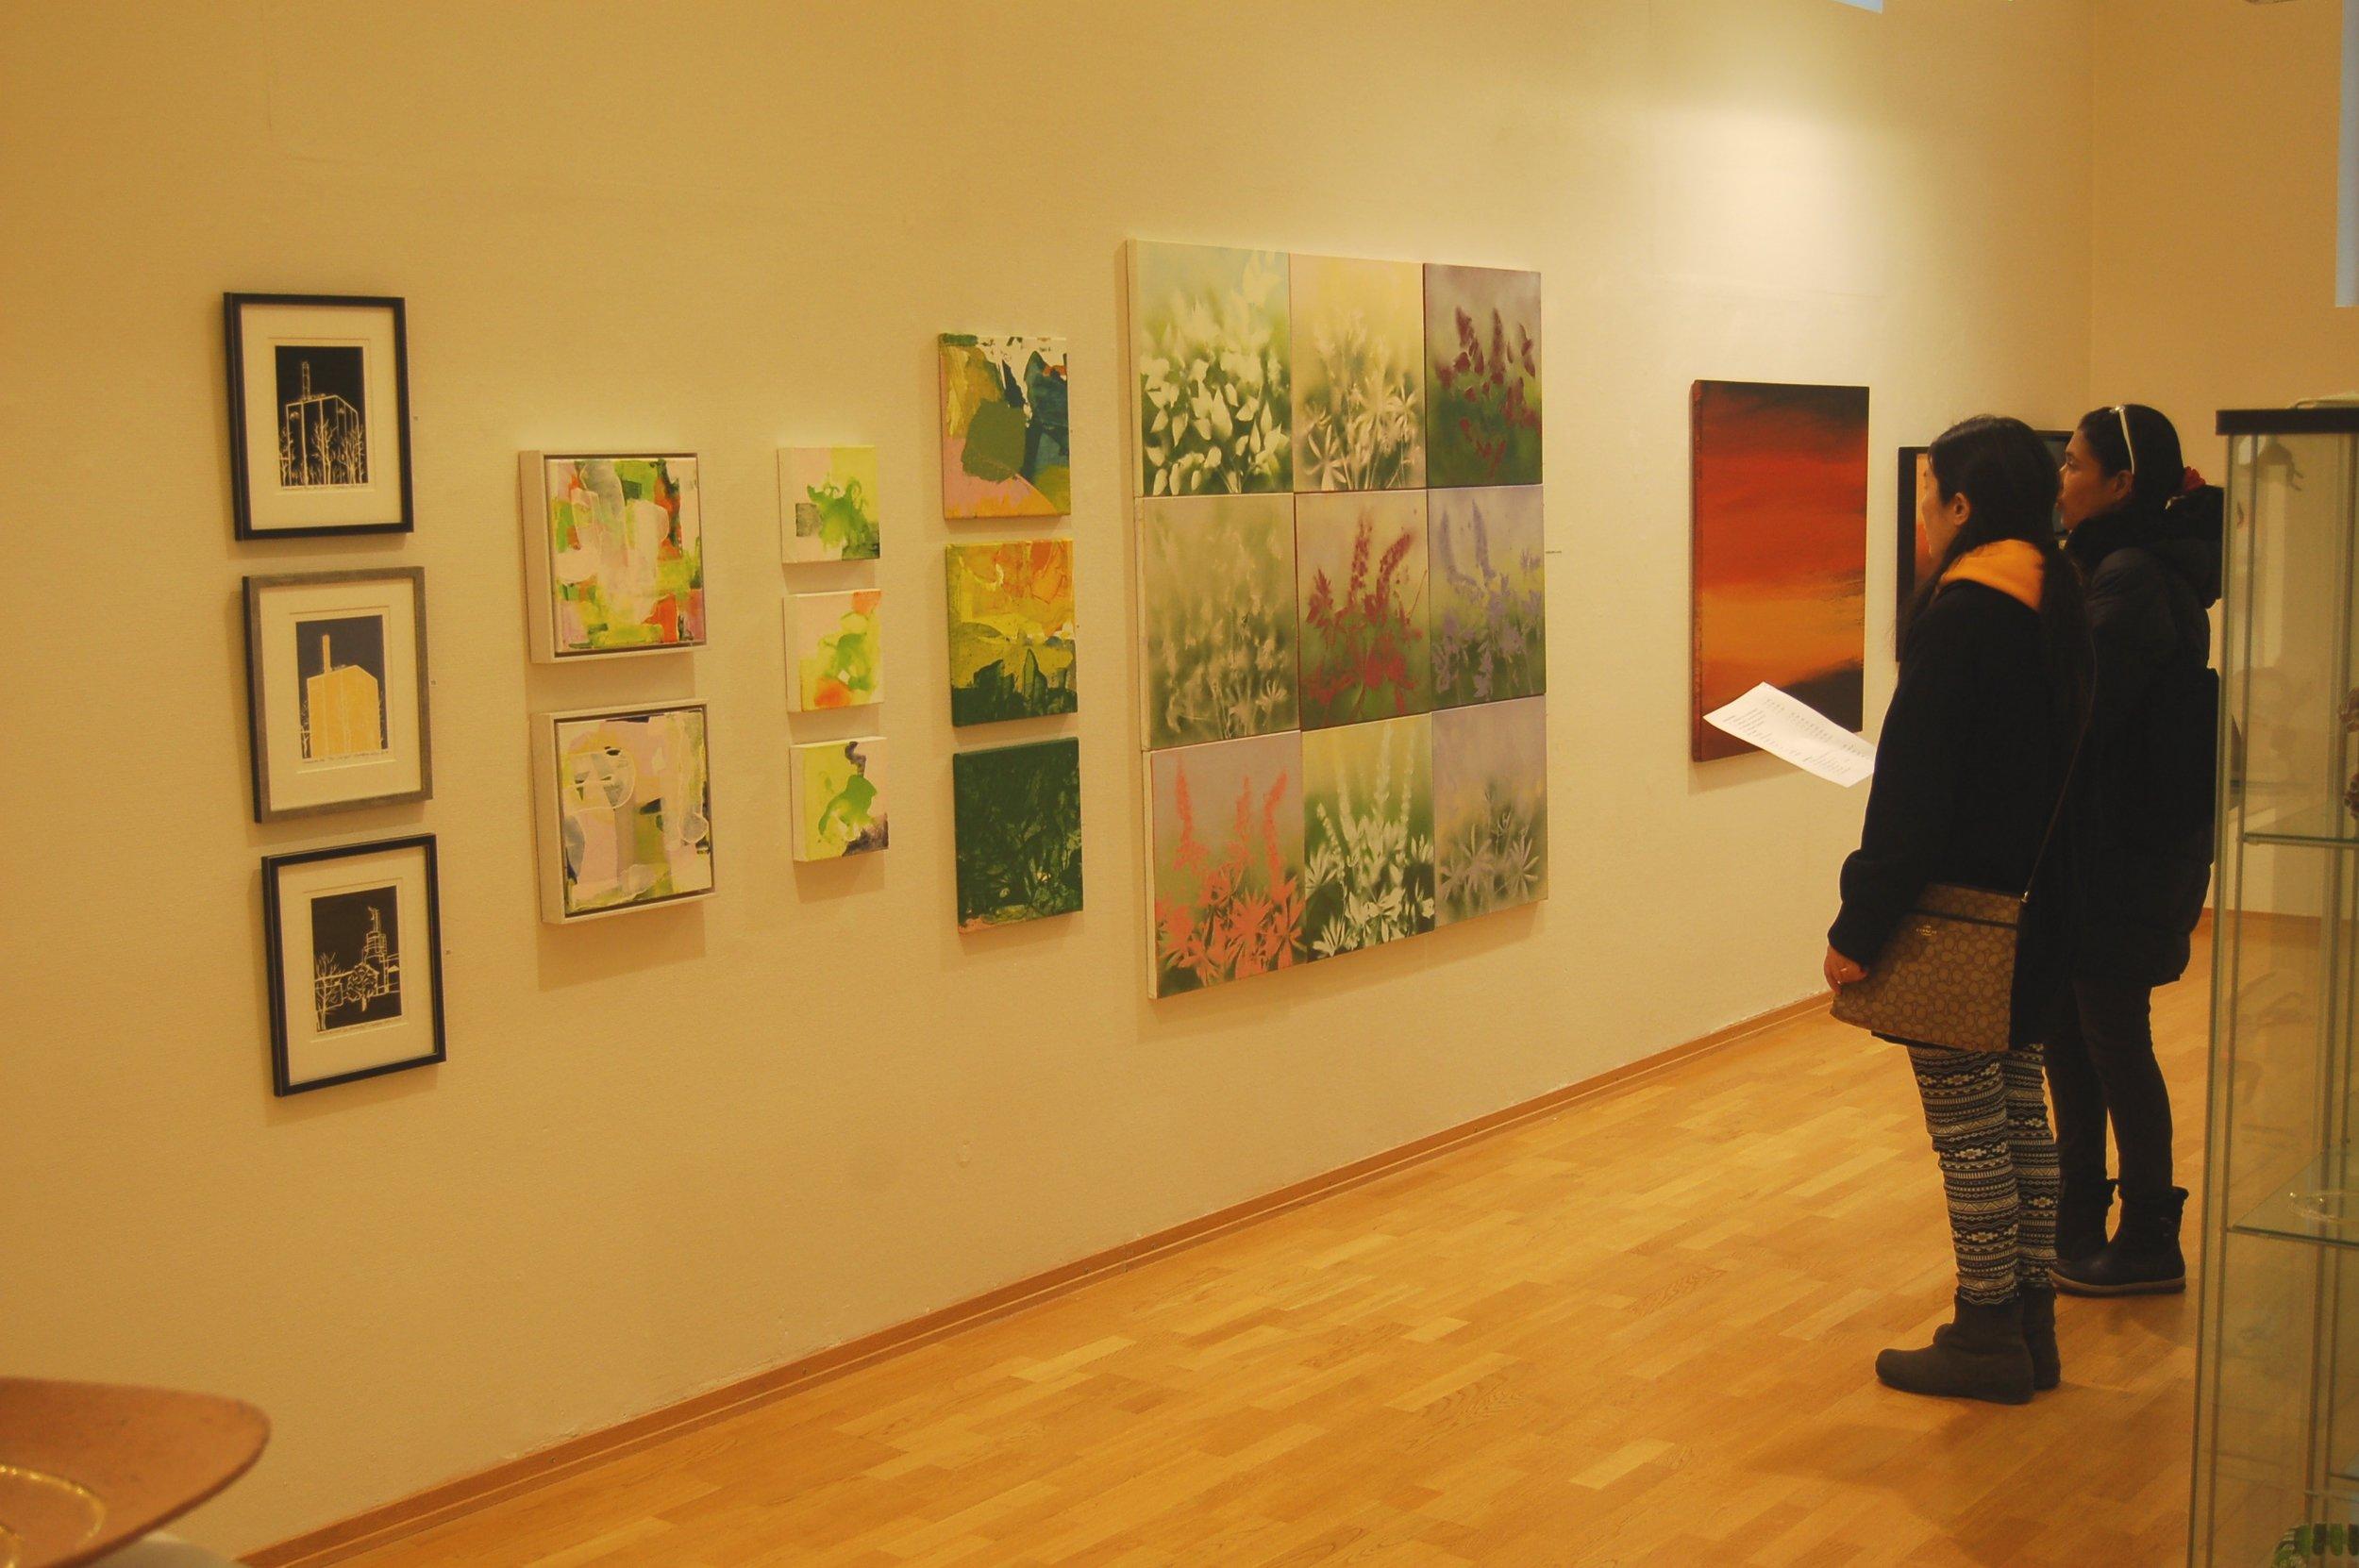 Moss kunstforening 24/11 - 16/12 2018